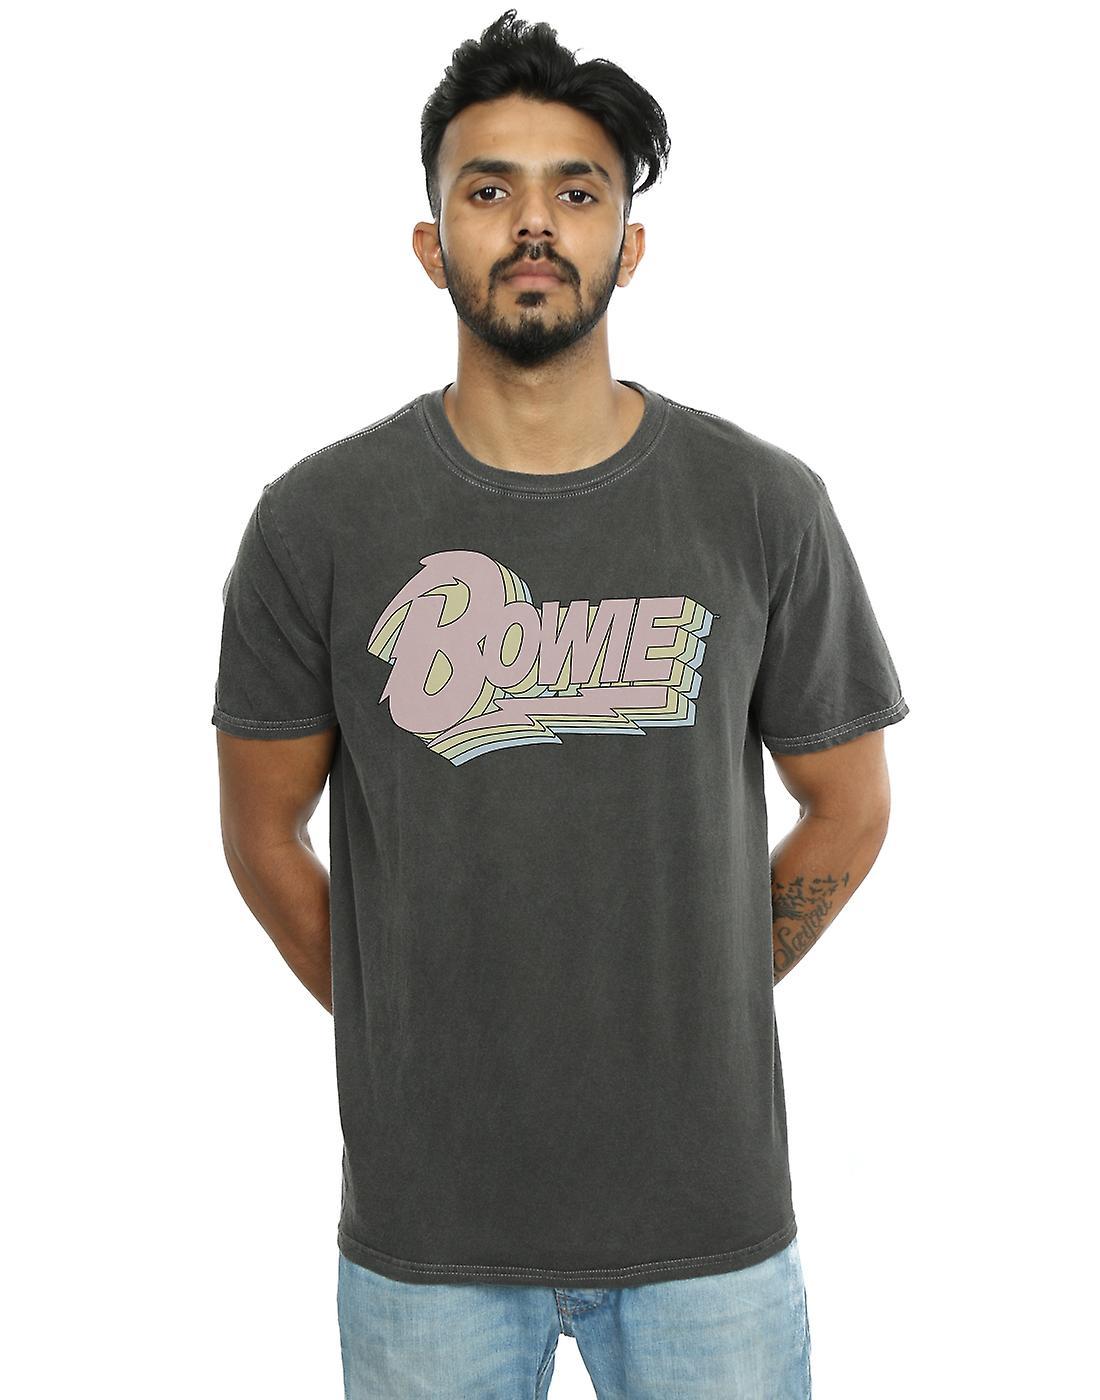 David Bowie Men's Pastel Logo Washed T-Shirt